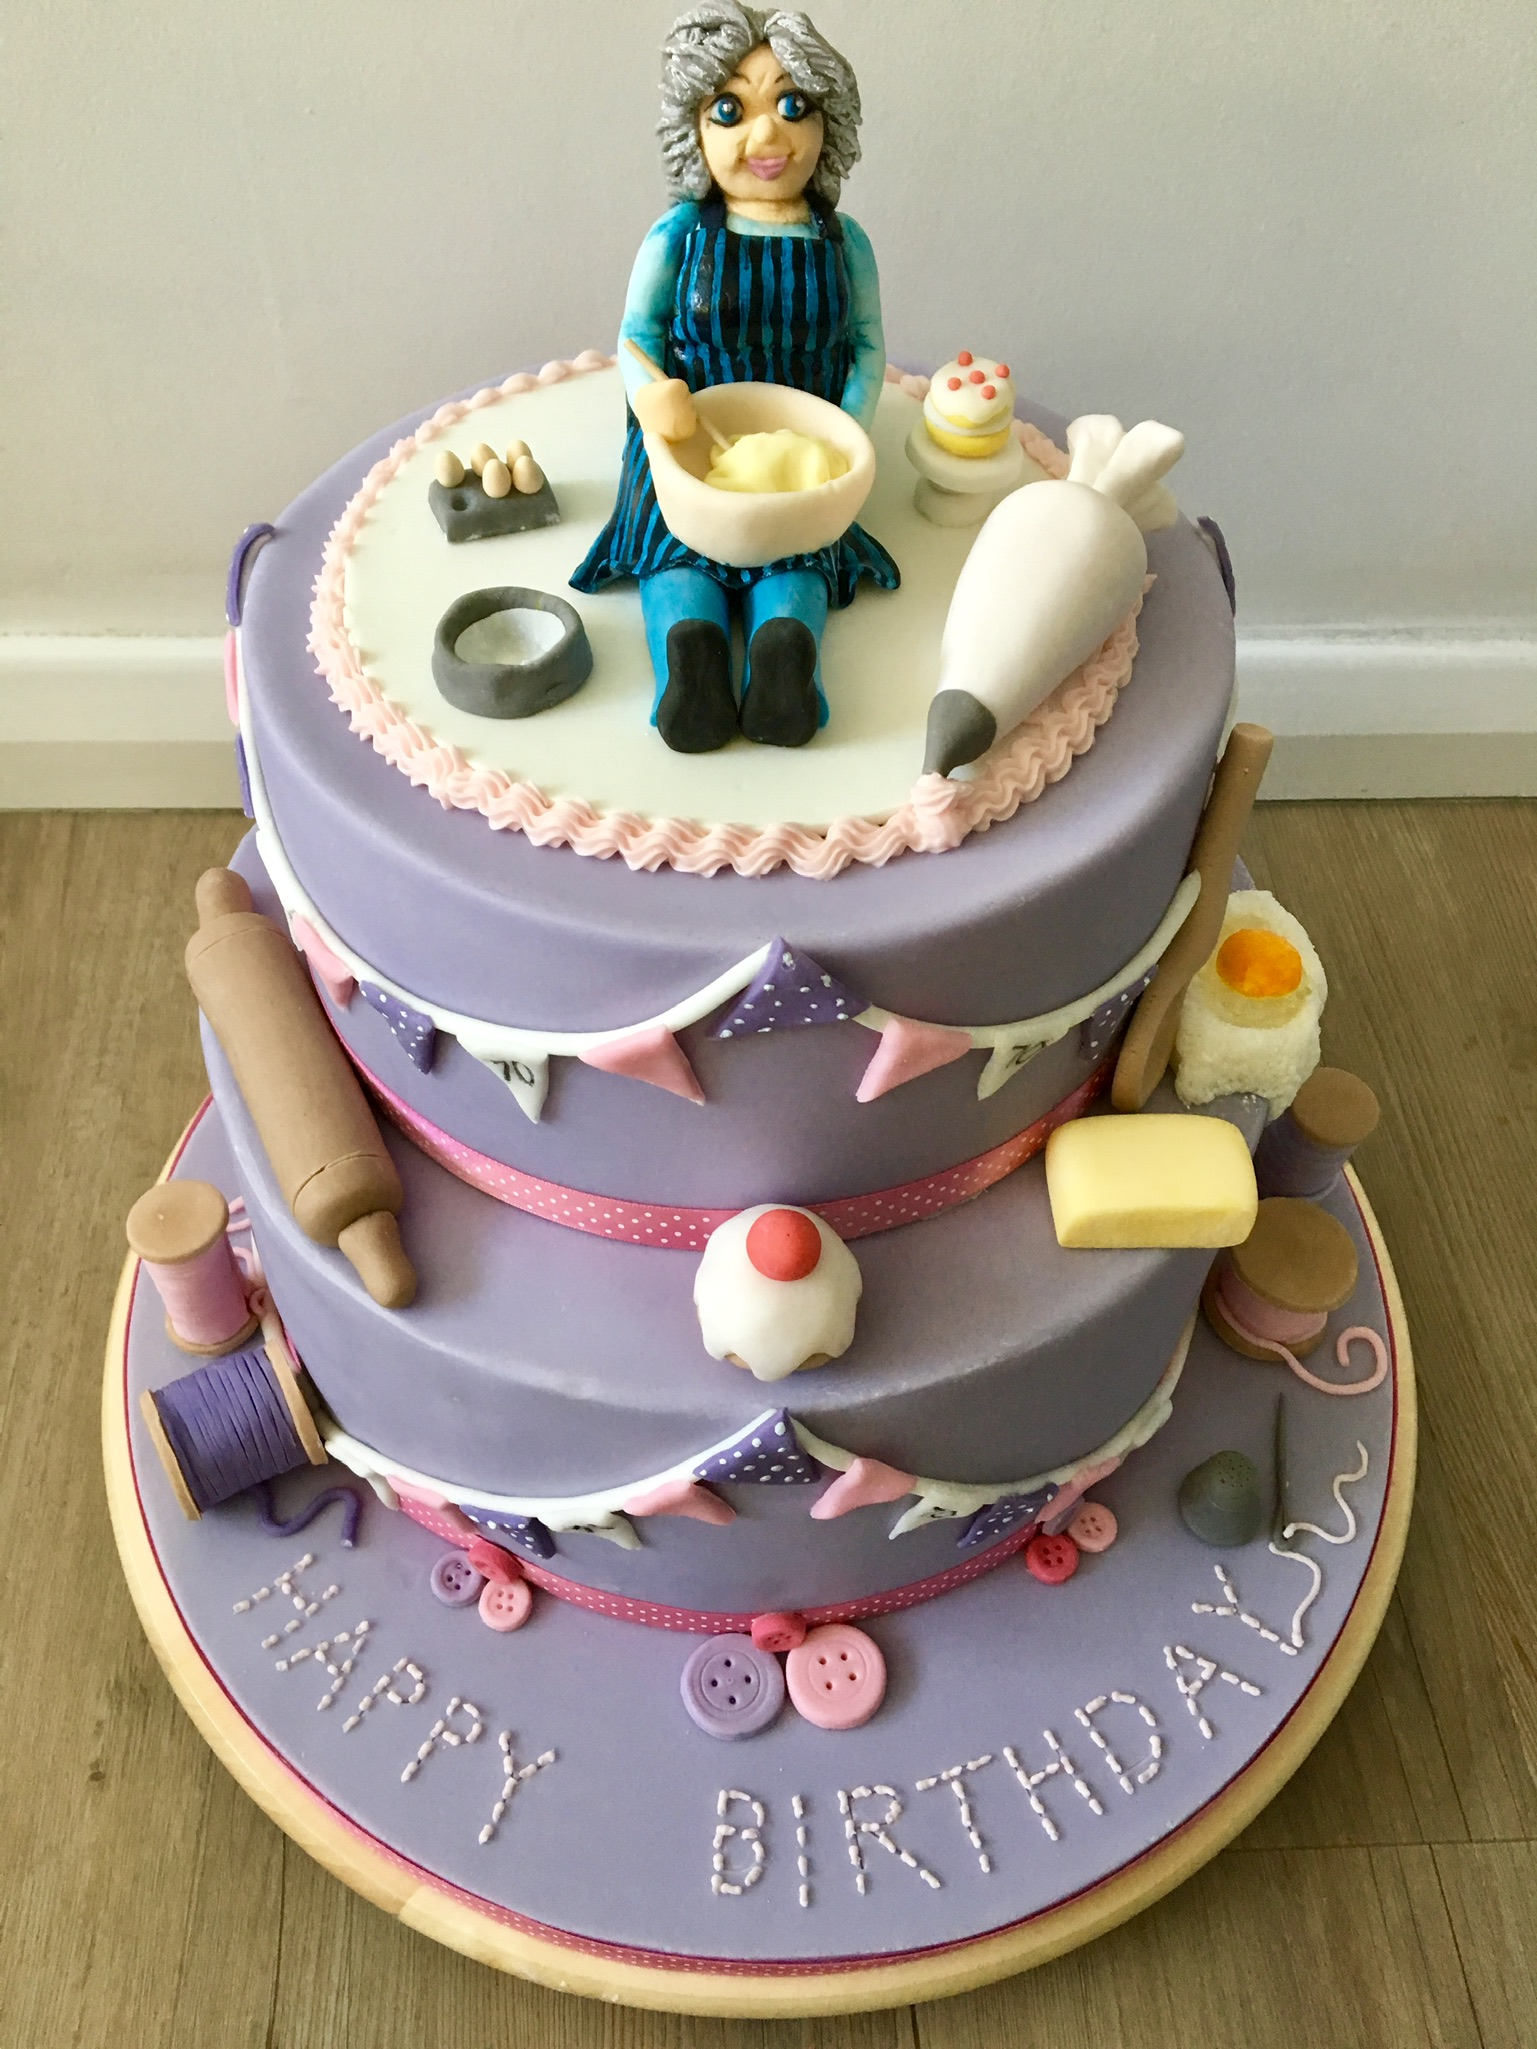 Hobby cake